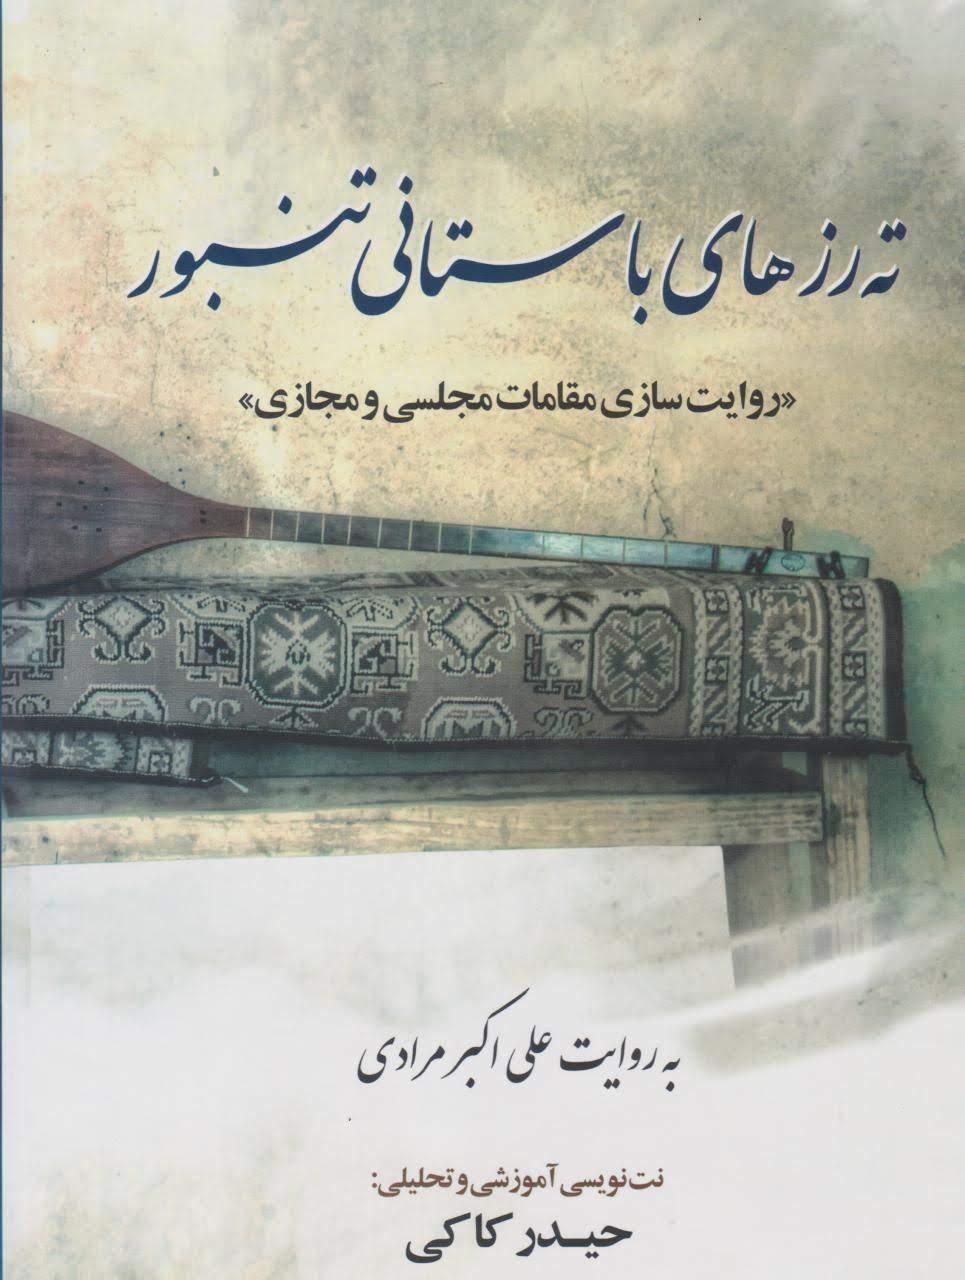 کتاب تهرزهای باستانی تنبور علی اکبر مرادی انتشارات عارف